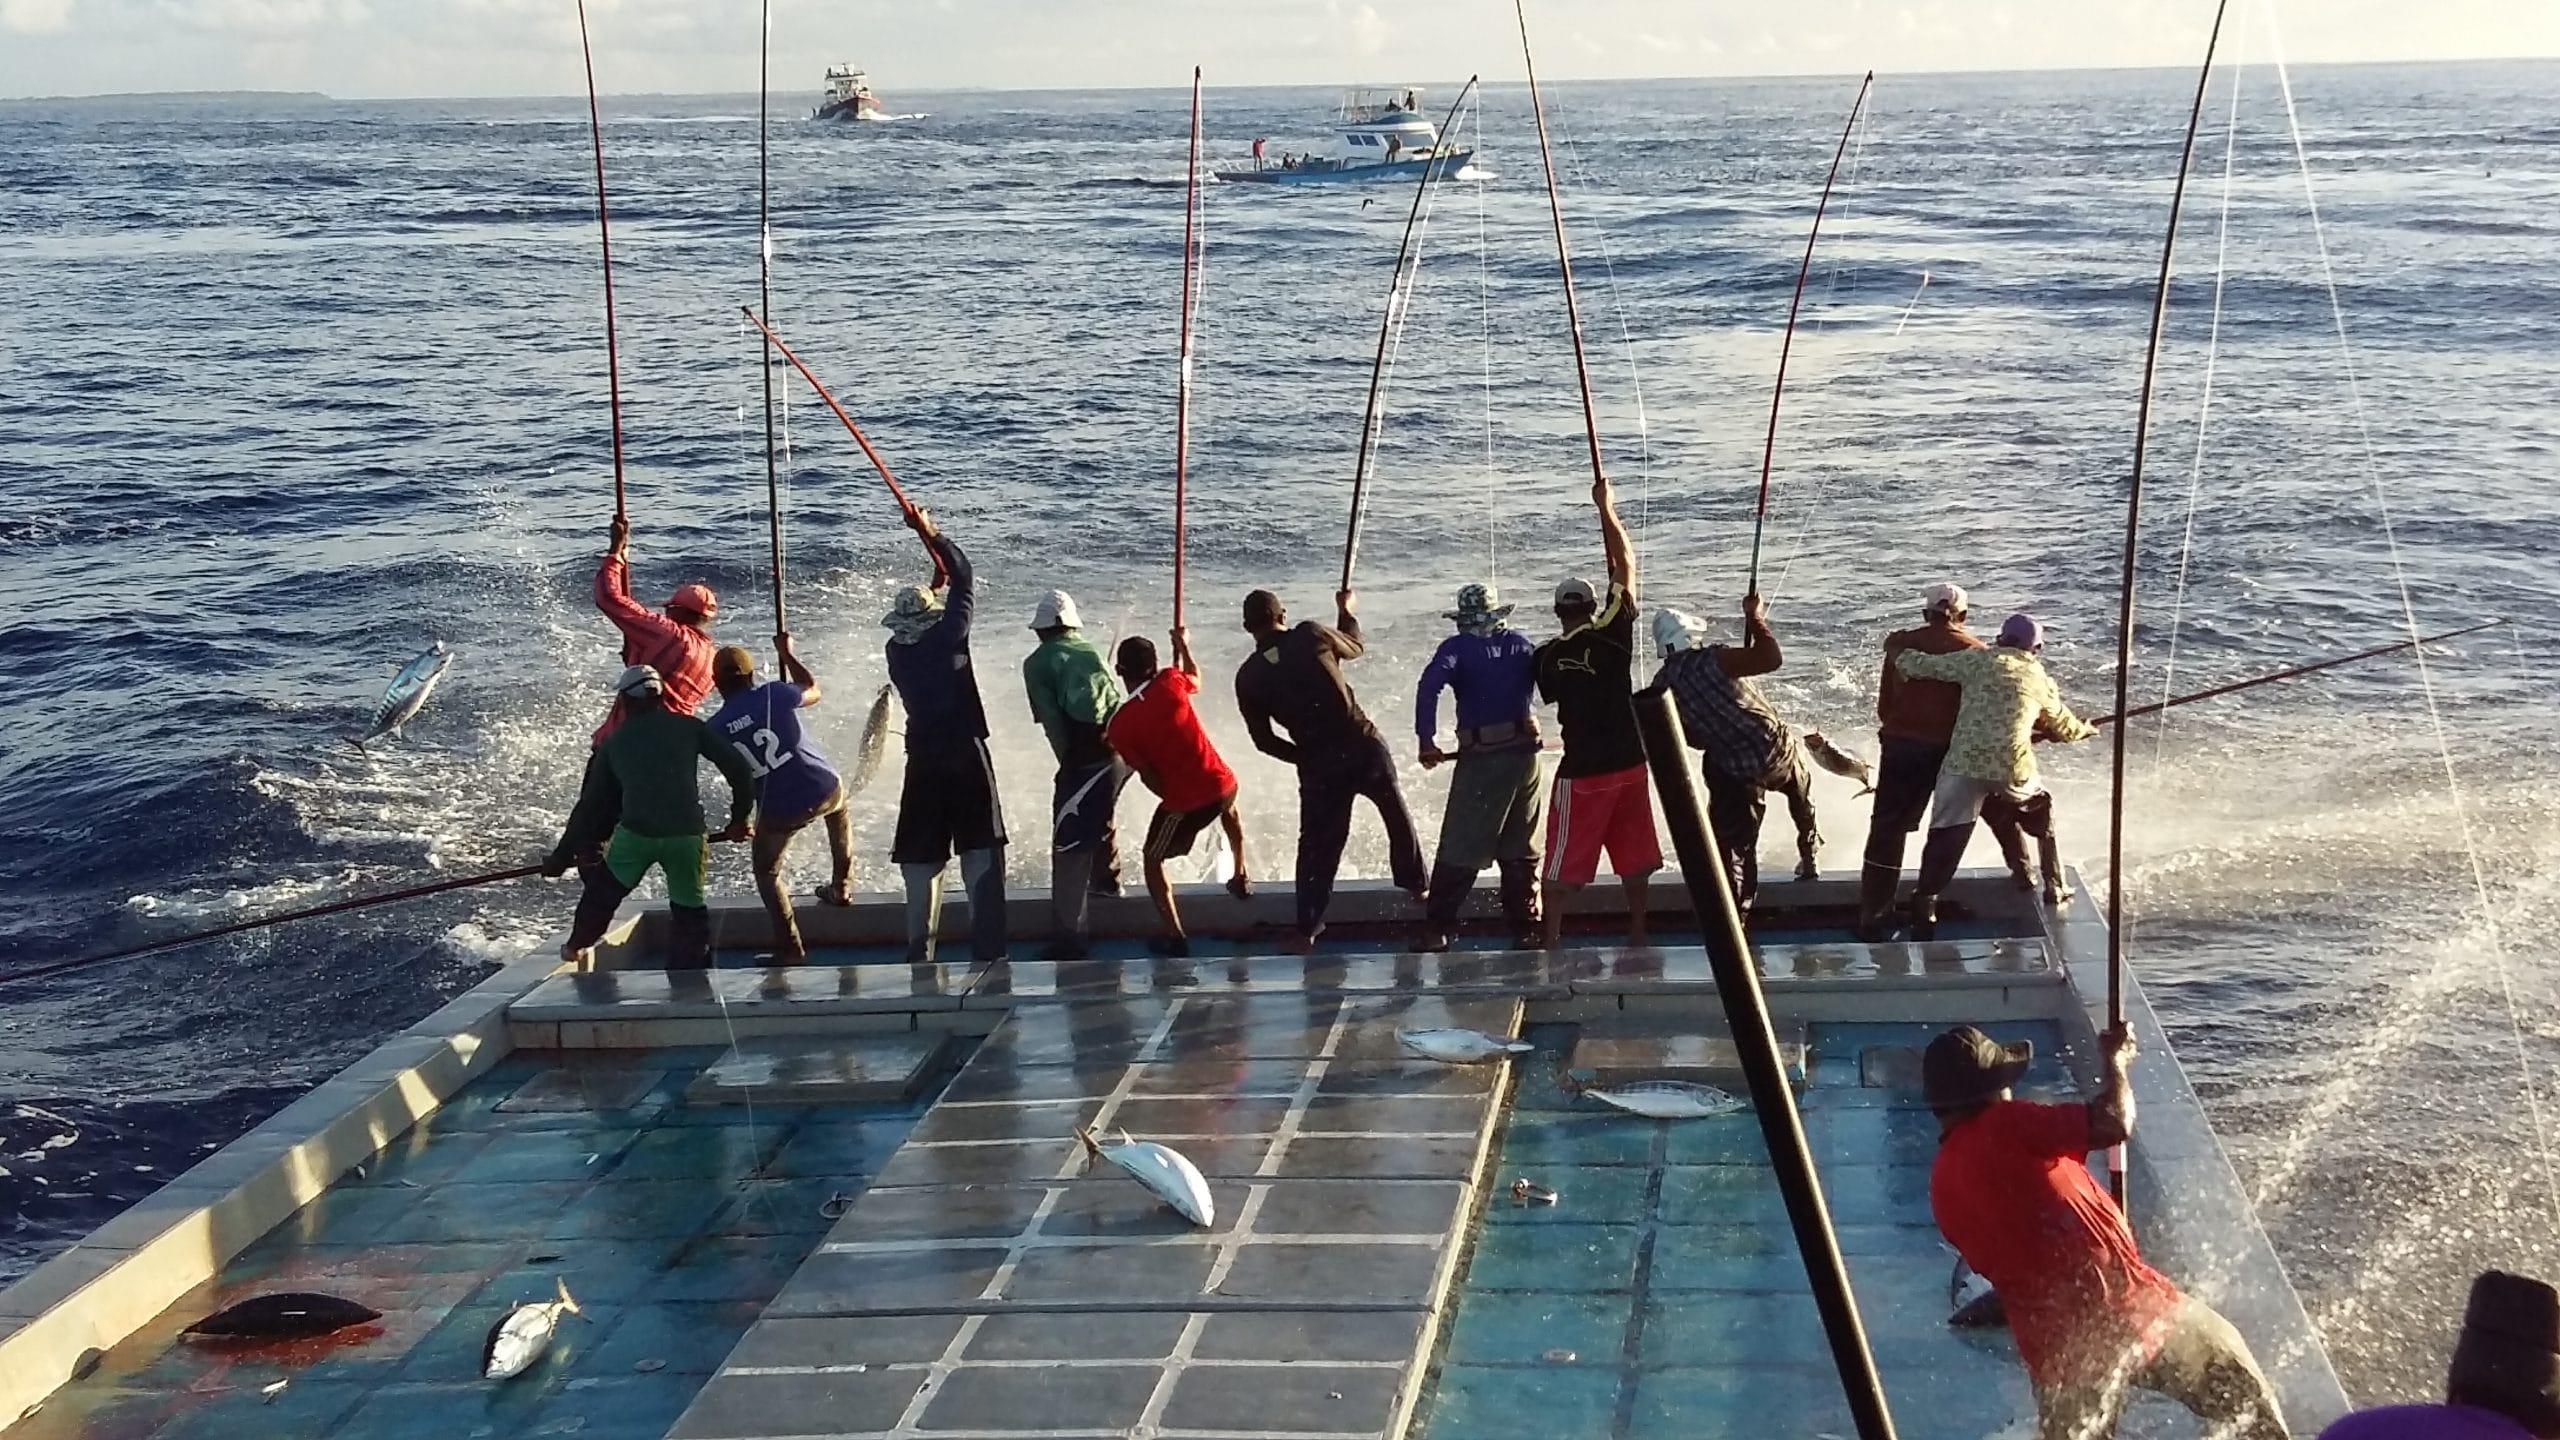 Pole-and-line fishing, Maldives, 2016 - ® IPNLF